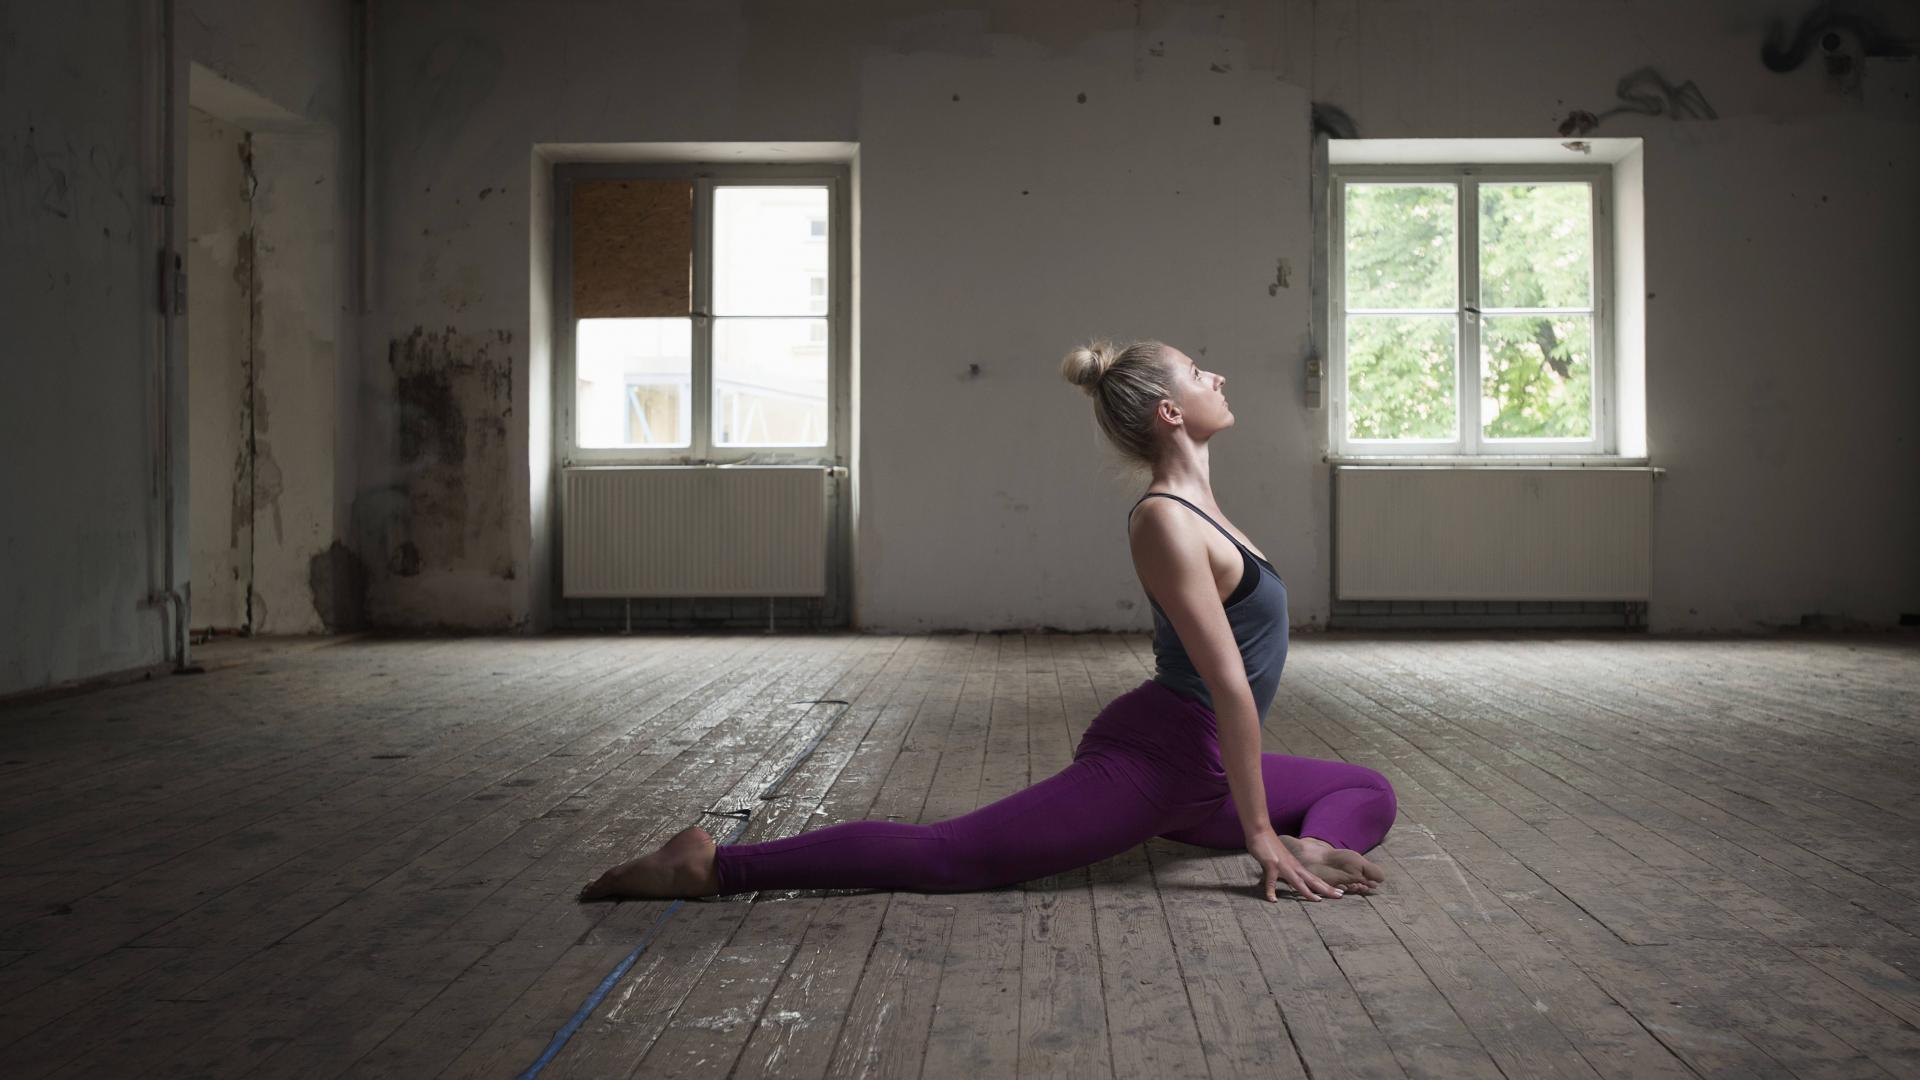 Frau in Yoga-Taubenstellung in einer alten verlassenen Wohnung